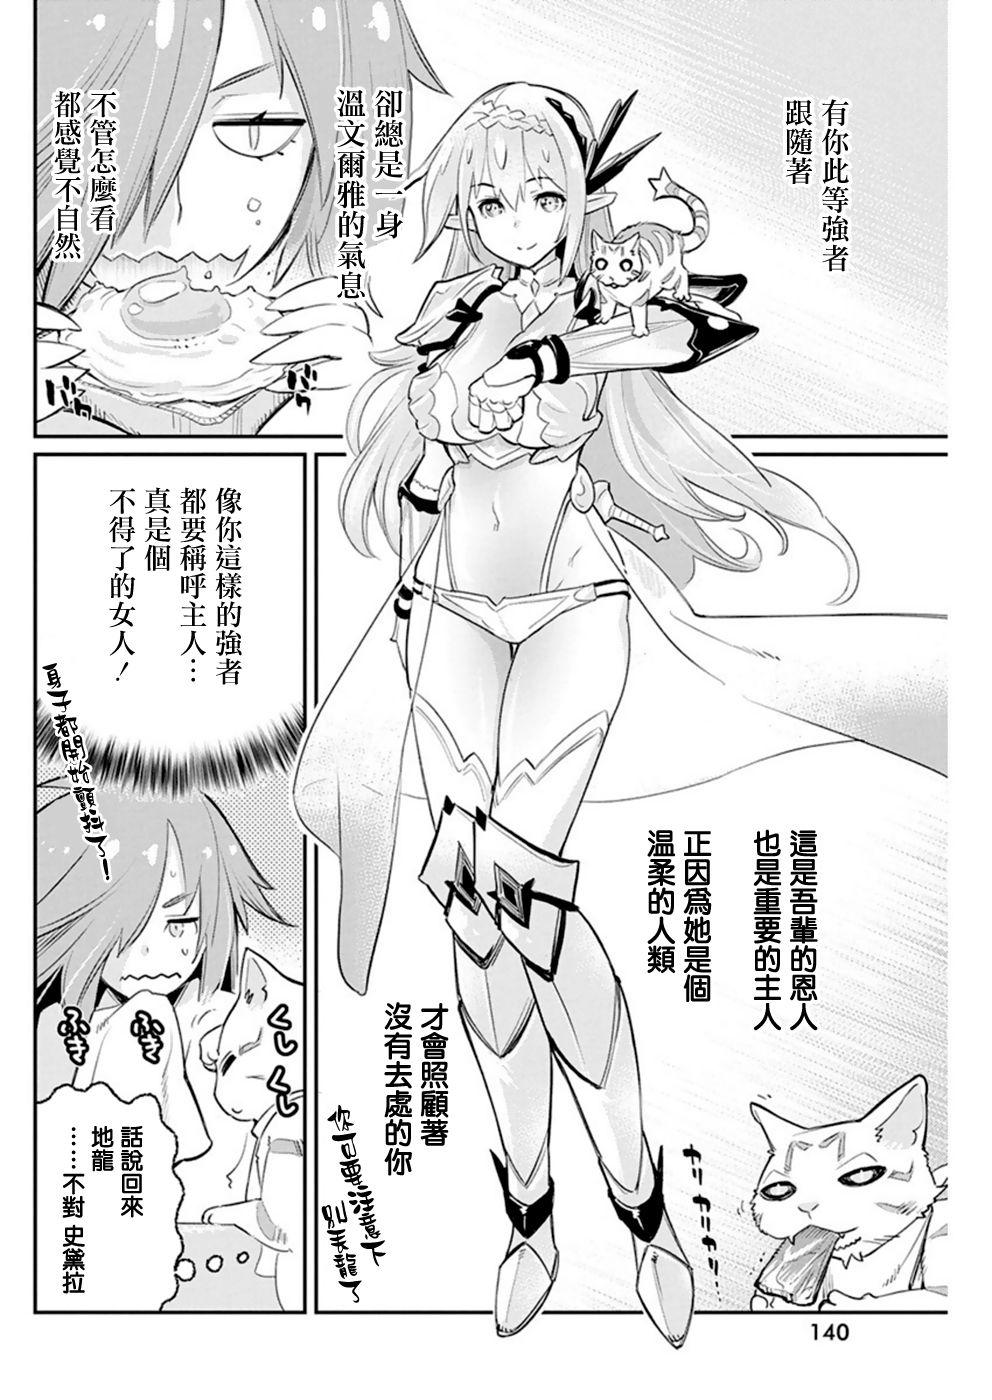 重生的貓騎士與精靈娘的日常: 22話 - 第14页